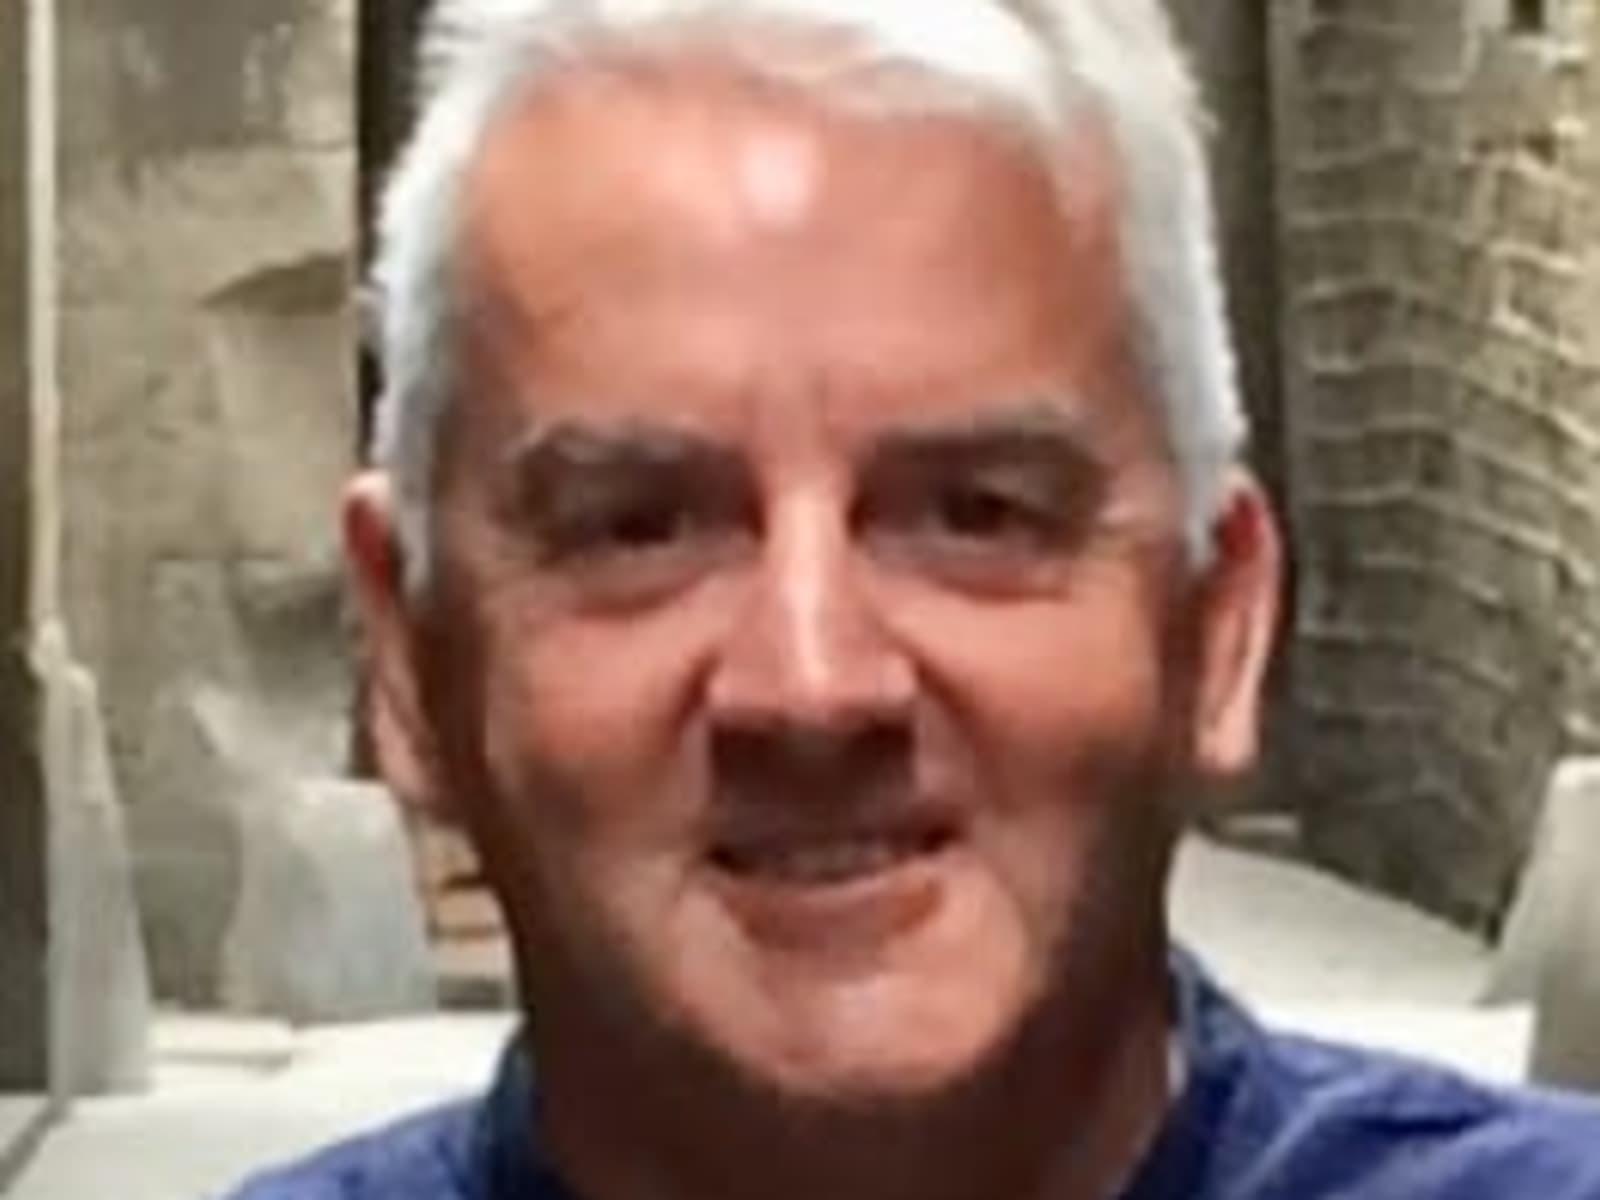 John craig from Old Colwyn, United Kingdom